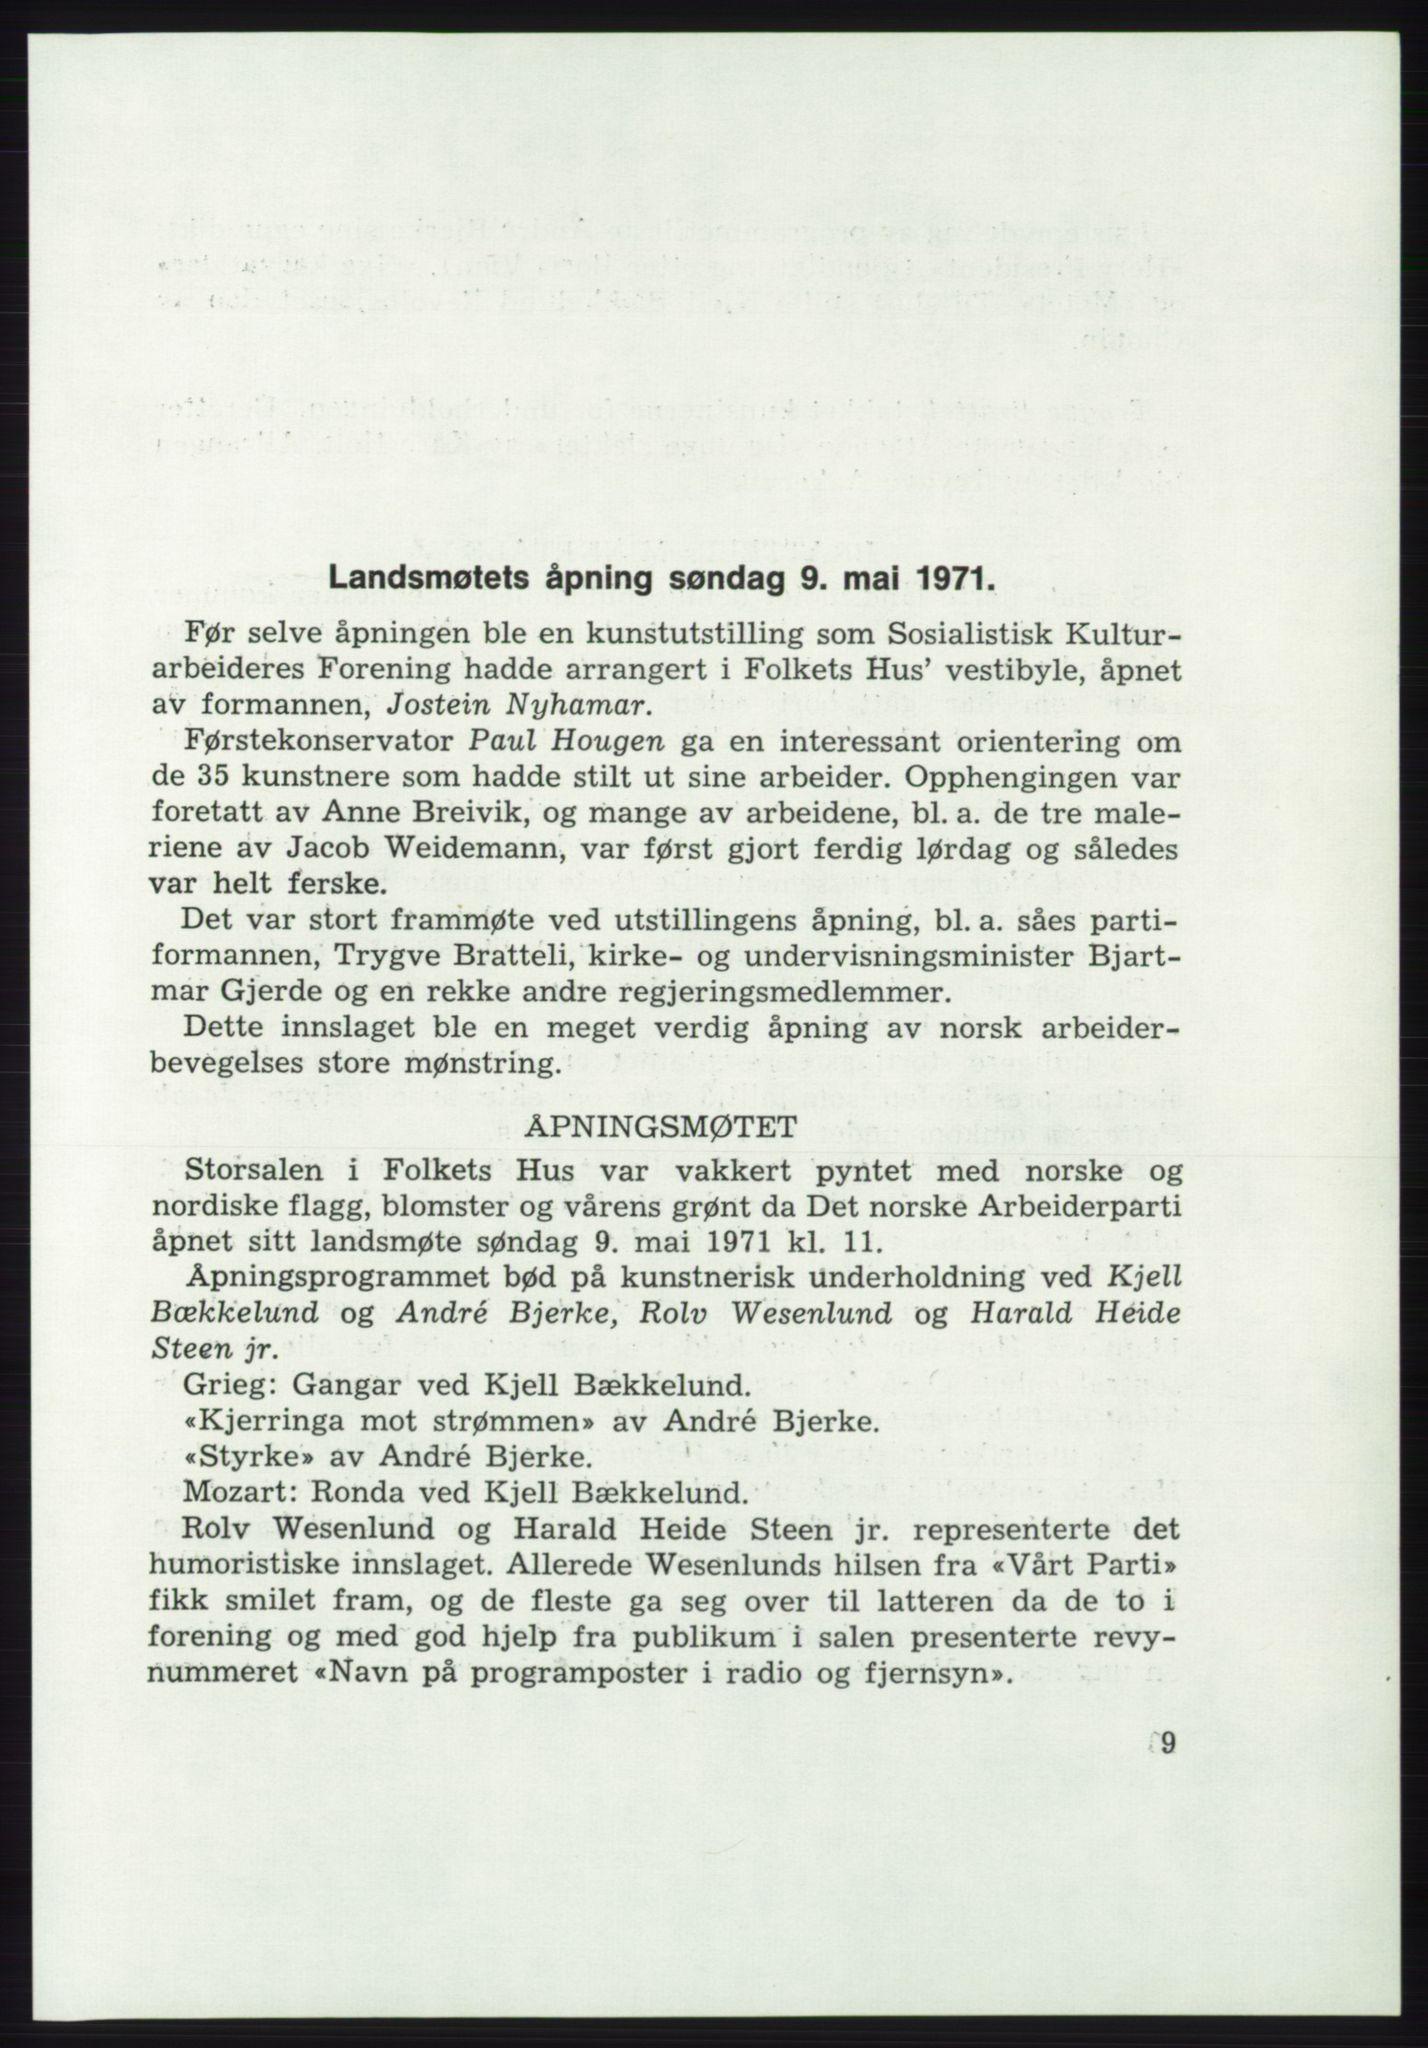 AAB, Det norske Arbeiderparti - publikasjoner, -/-: Protokoll over forhandlingene på det 43. ordinære landsmøte 9.-11. mai 1971 i Oslo, 1971, p. 9